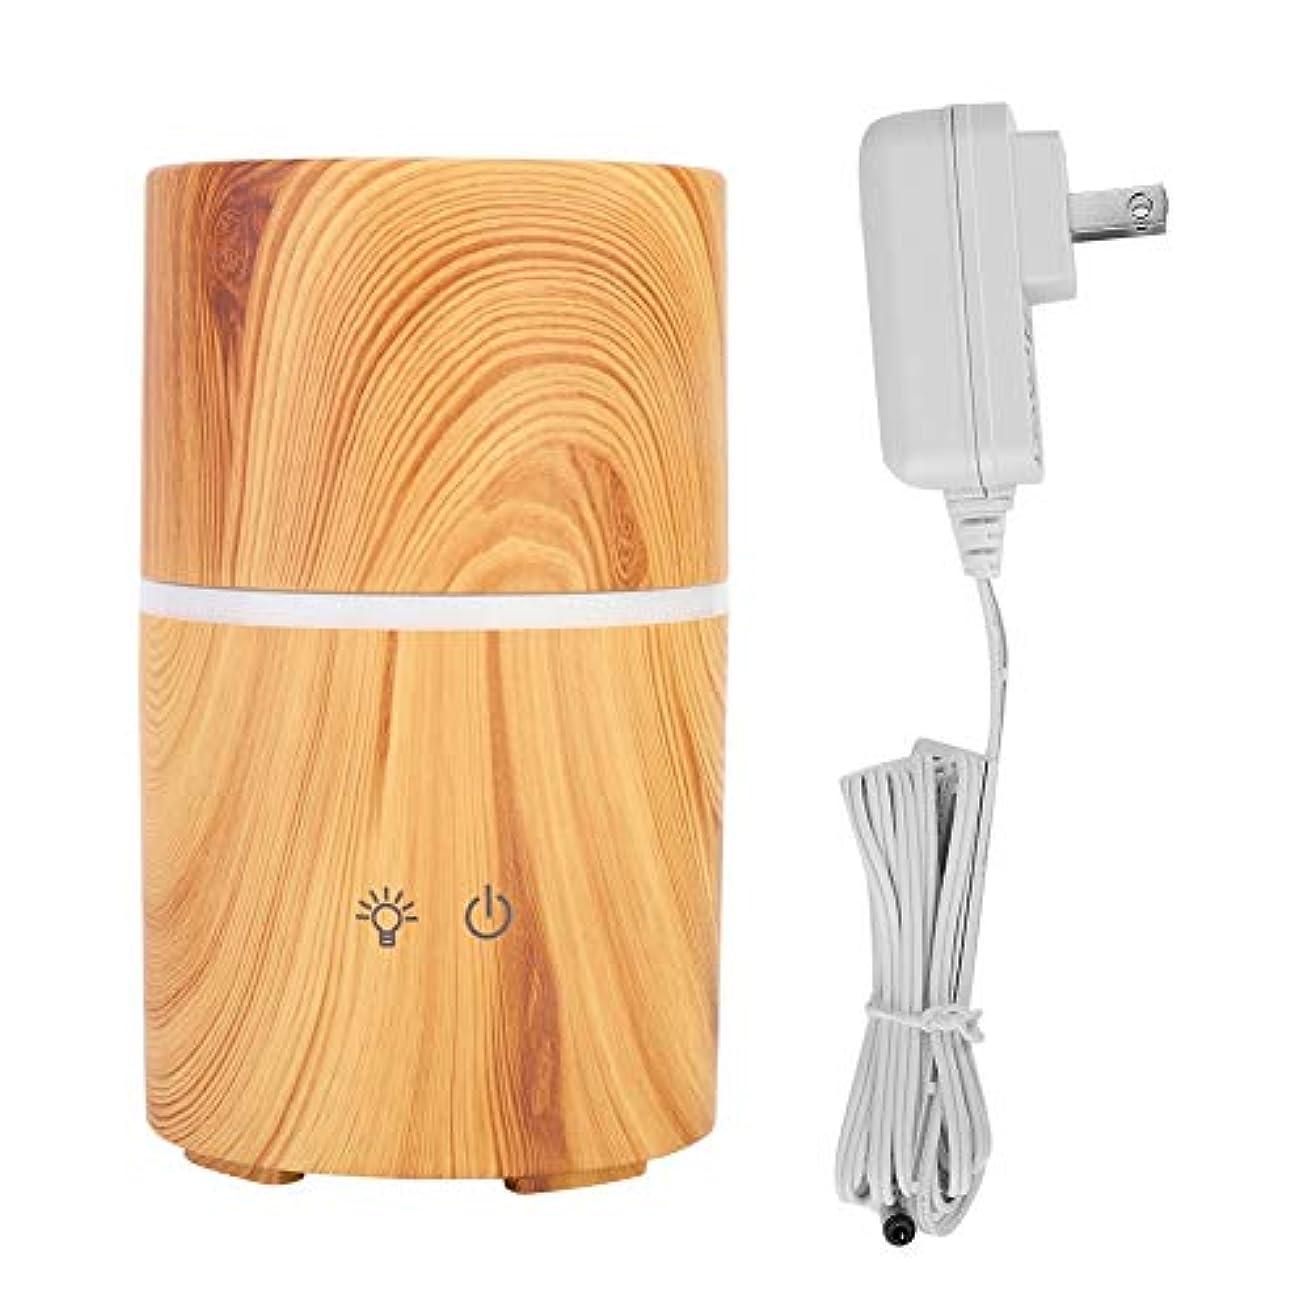 差別的望み隣接するアロマセラピーディフューザー、多目的木目LEDインテリジェントディフューザーワイヤレススピーカー加湿器家庭用装飾(USプラグ100-240V)